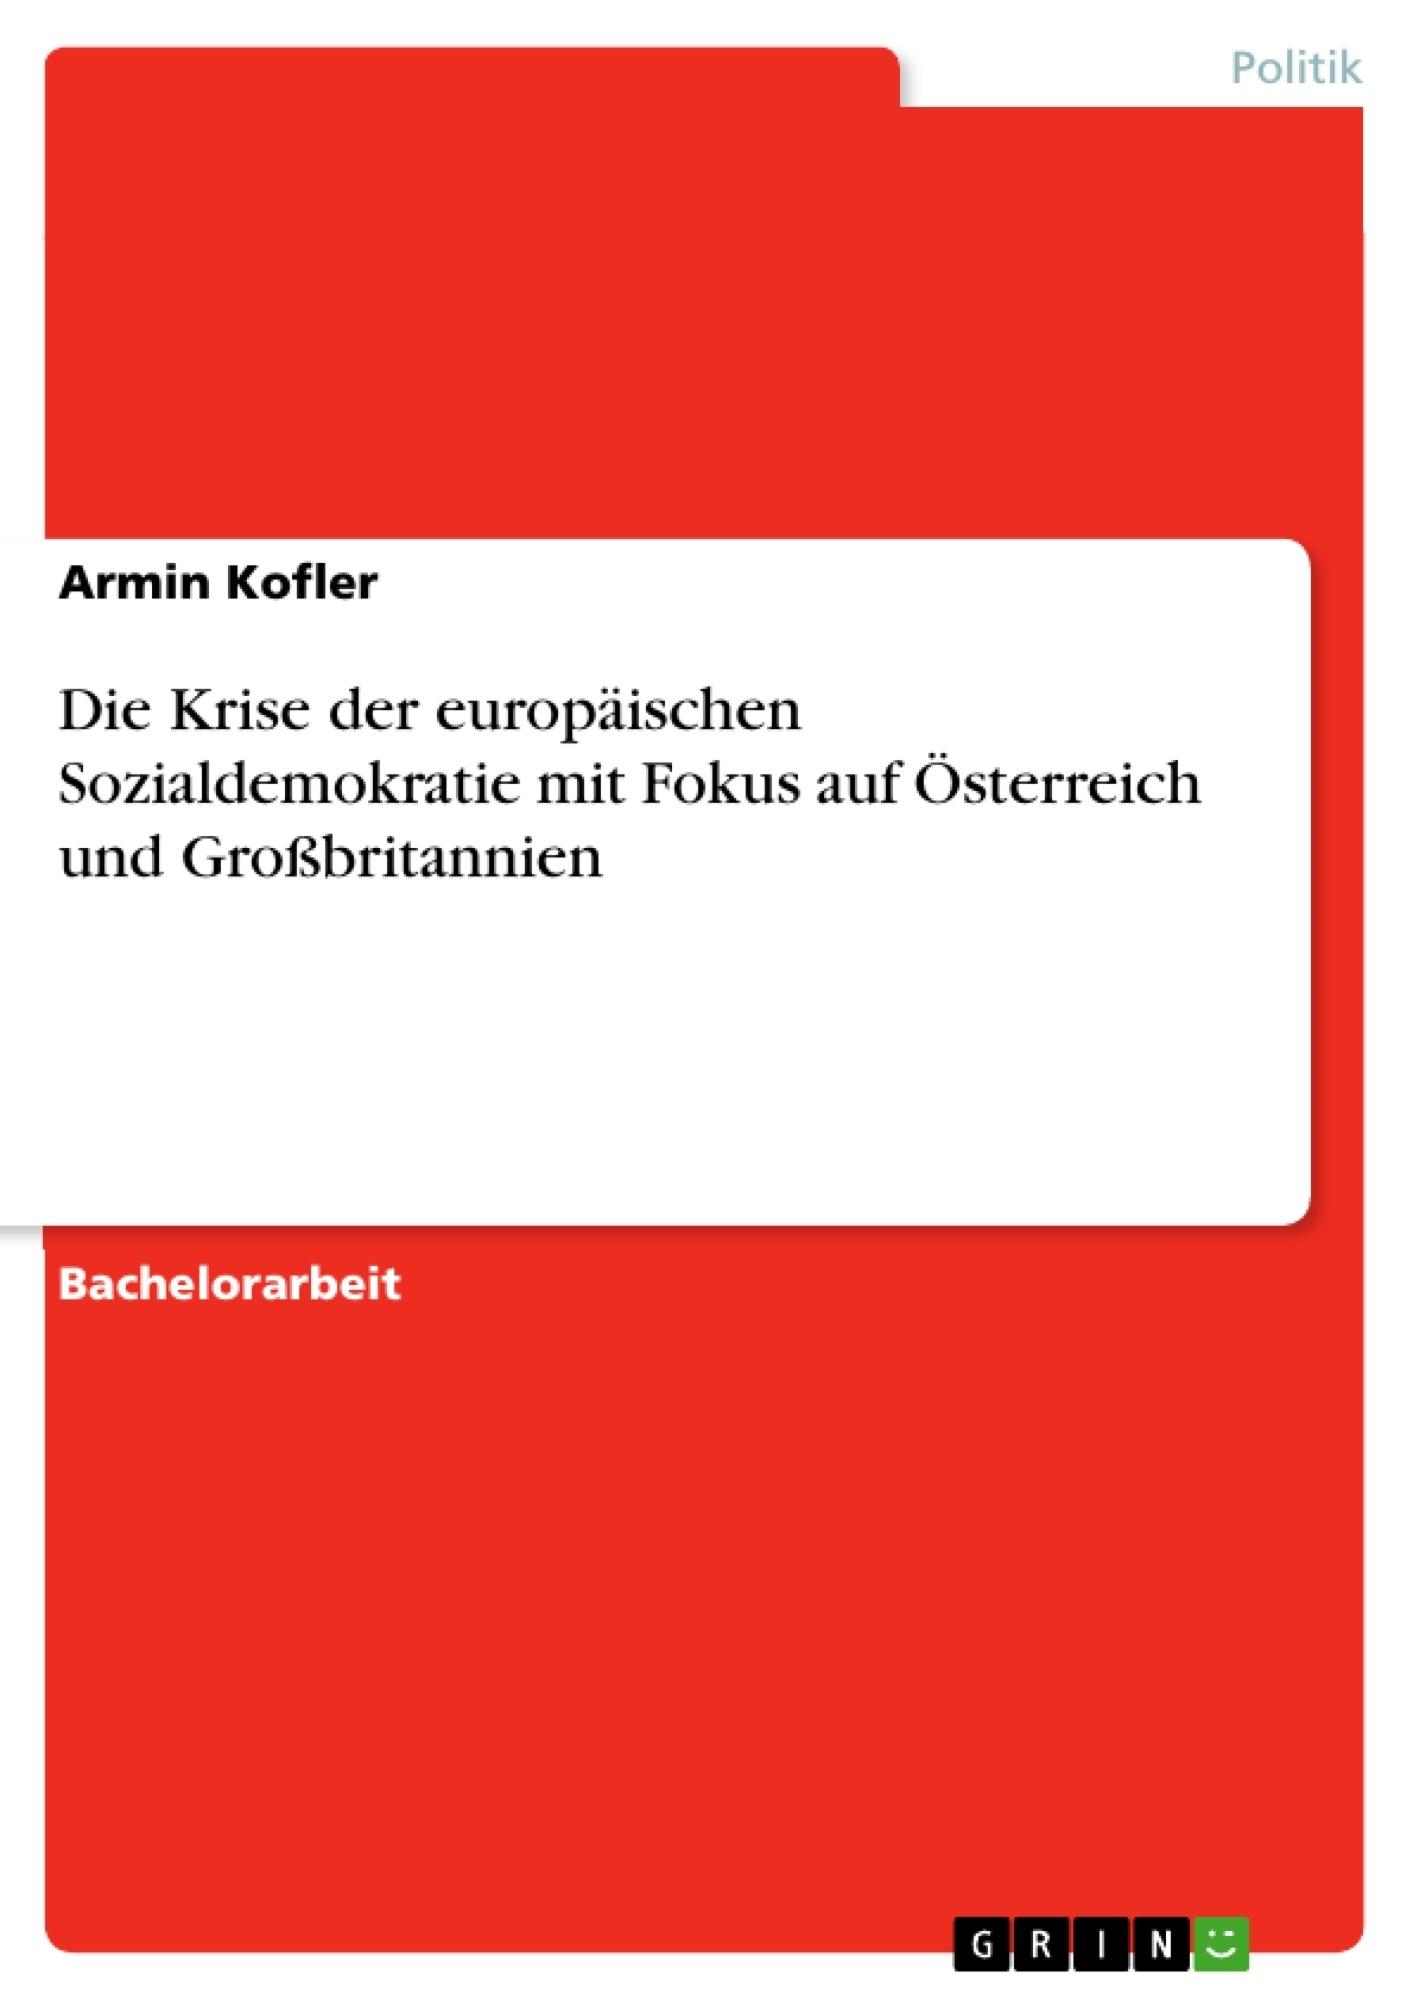 Titel: Die Krise der europäischen Sozialdemokratie mit Fokus auf Österreich und Großbritannien